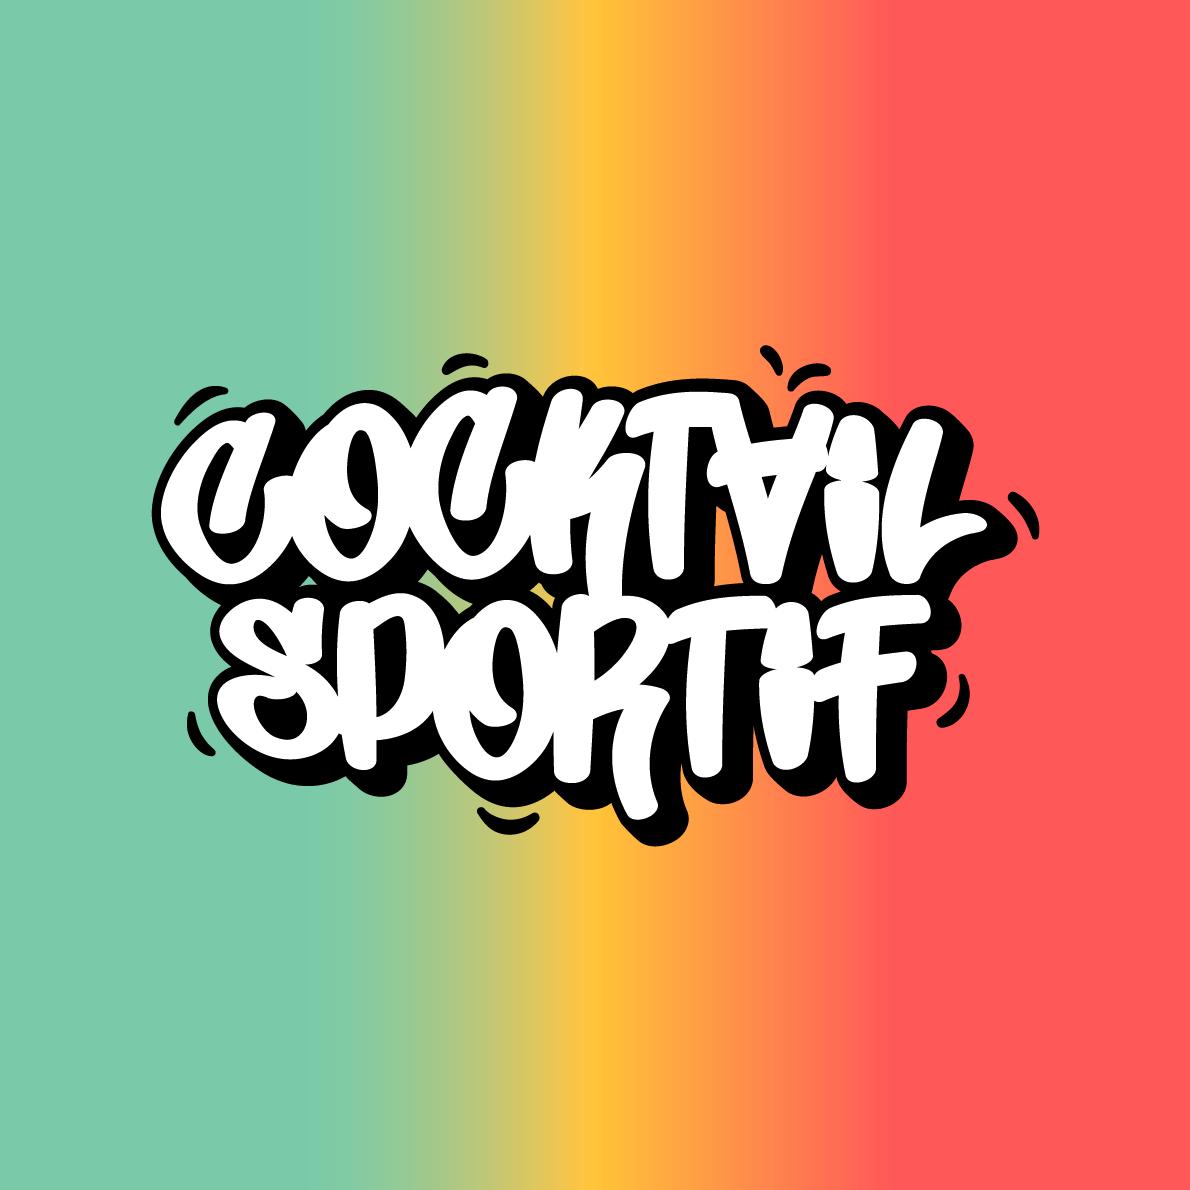 logo cocktail sportif blanc